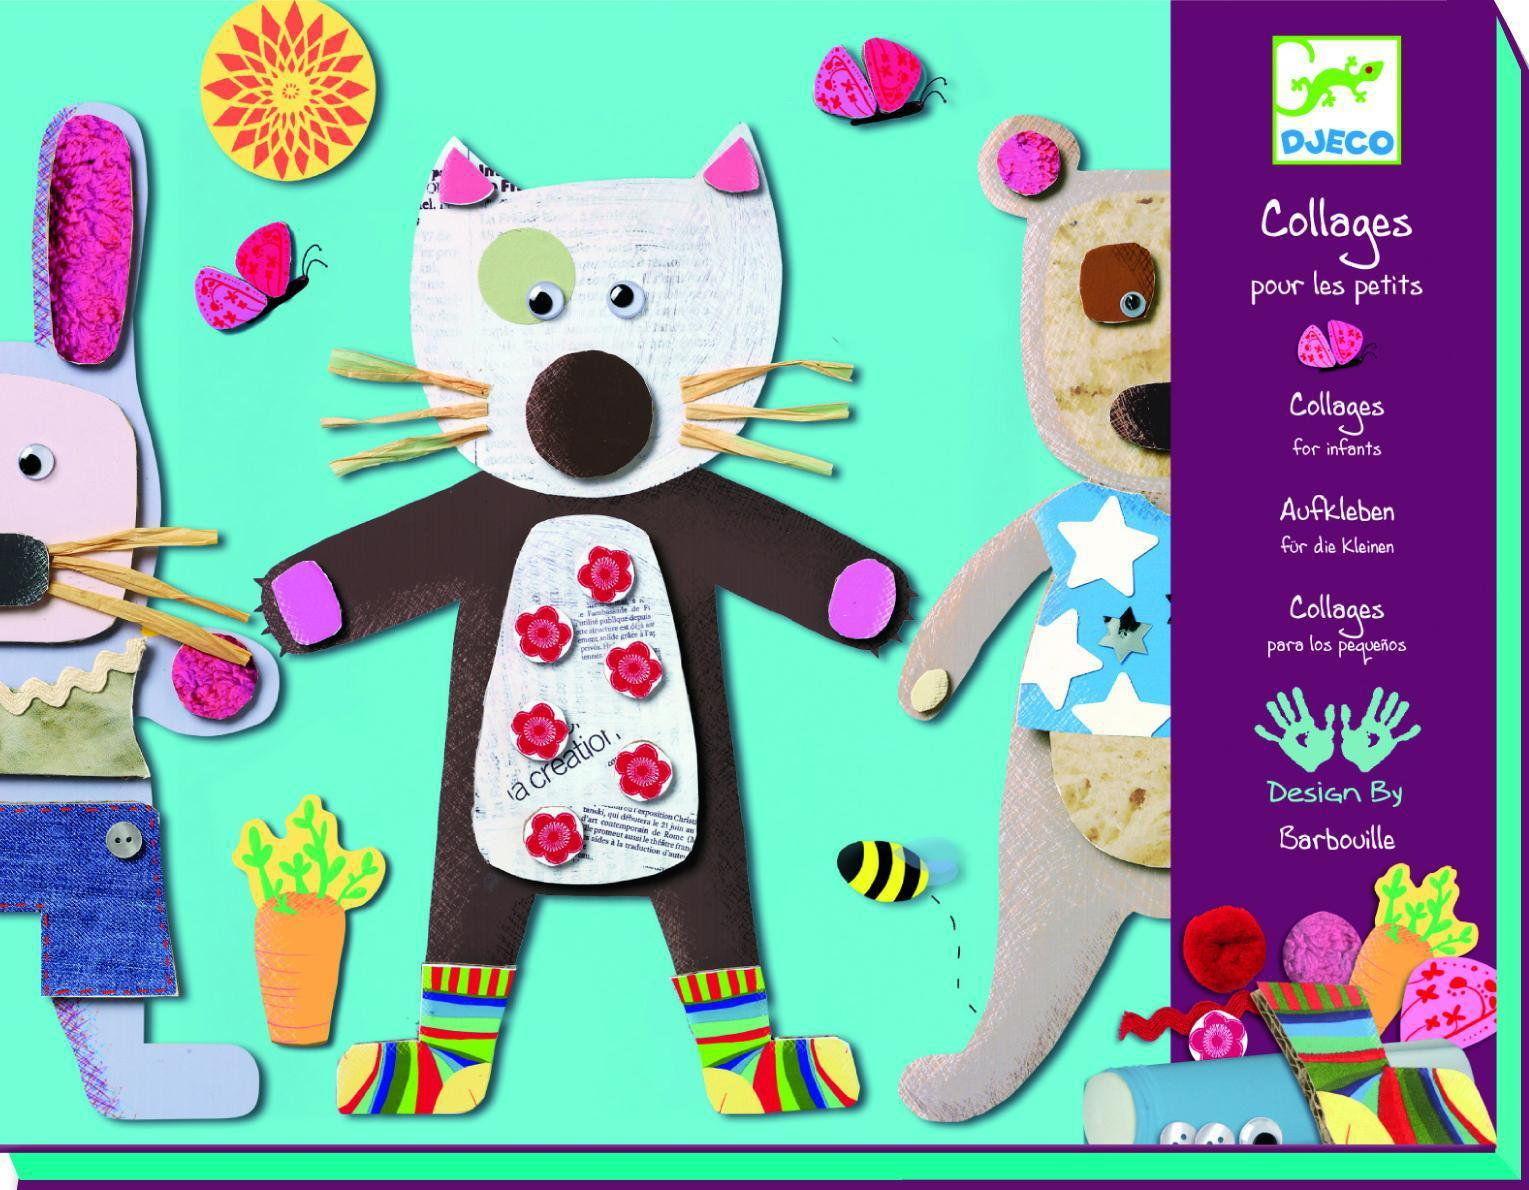 Djeco - Zestaw Artystyczny Kolaże dla Najmłodszych Zwierzątka Dj08664